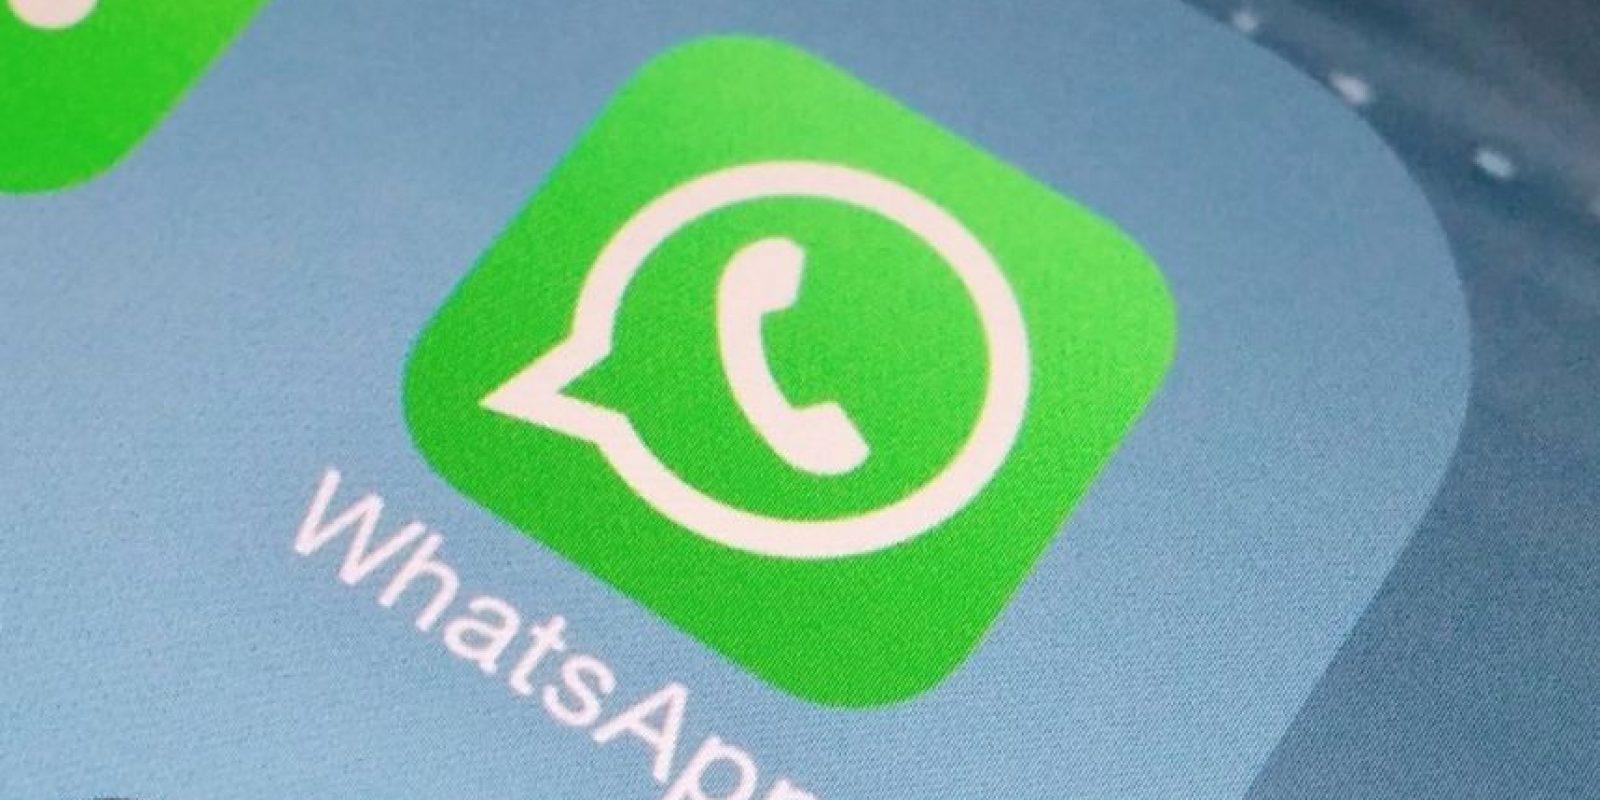 100 millones, los mensajes con video que se comparten al día aproximadamente. Foto:vía Tumblr.com. Imagen Por: